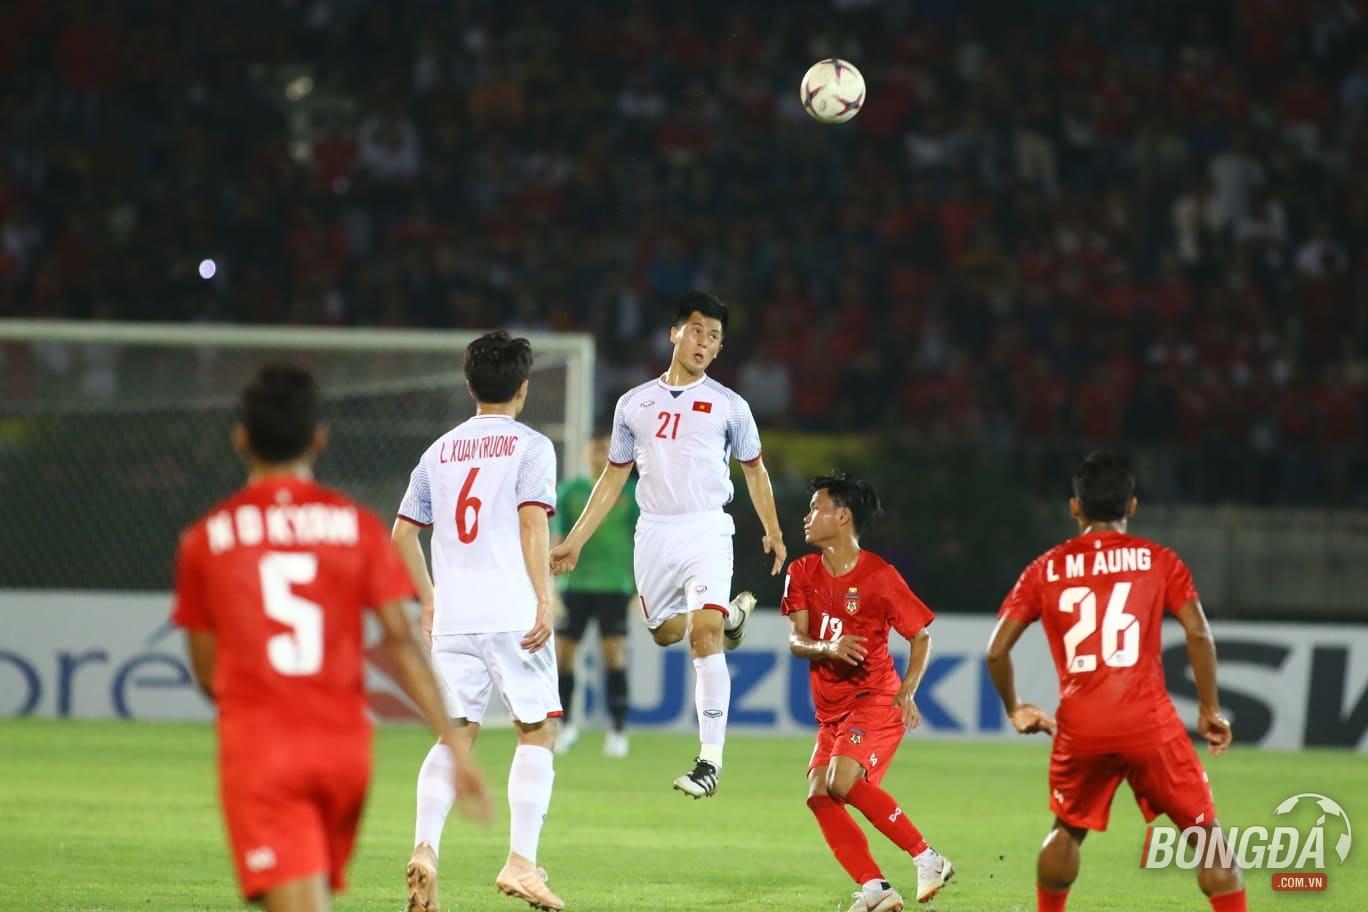 TRỰC TIẾP ĐT Myanmar 0-0 ĐT Việt Nam: Đấu trí căng thẳng - Bóng Đá